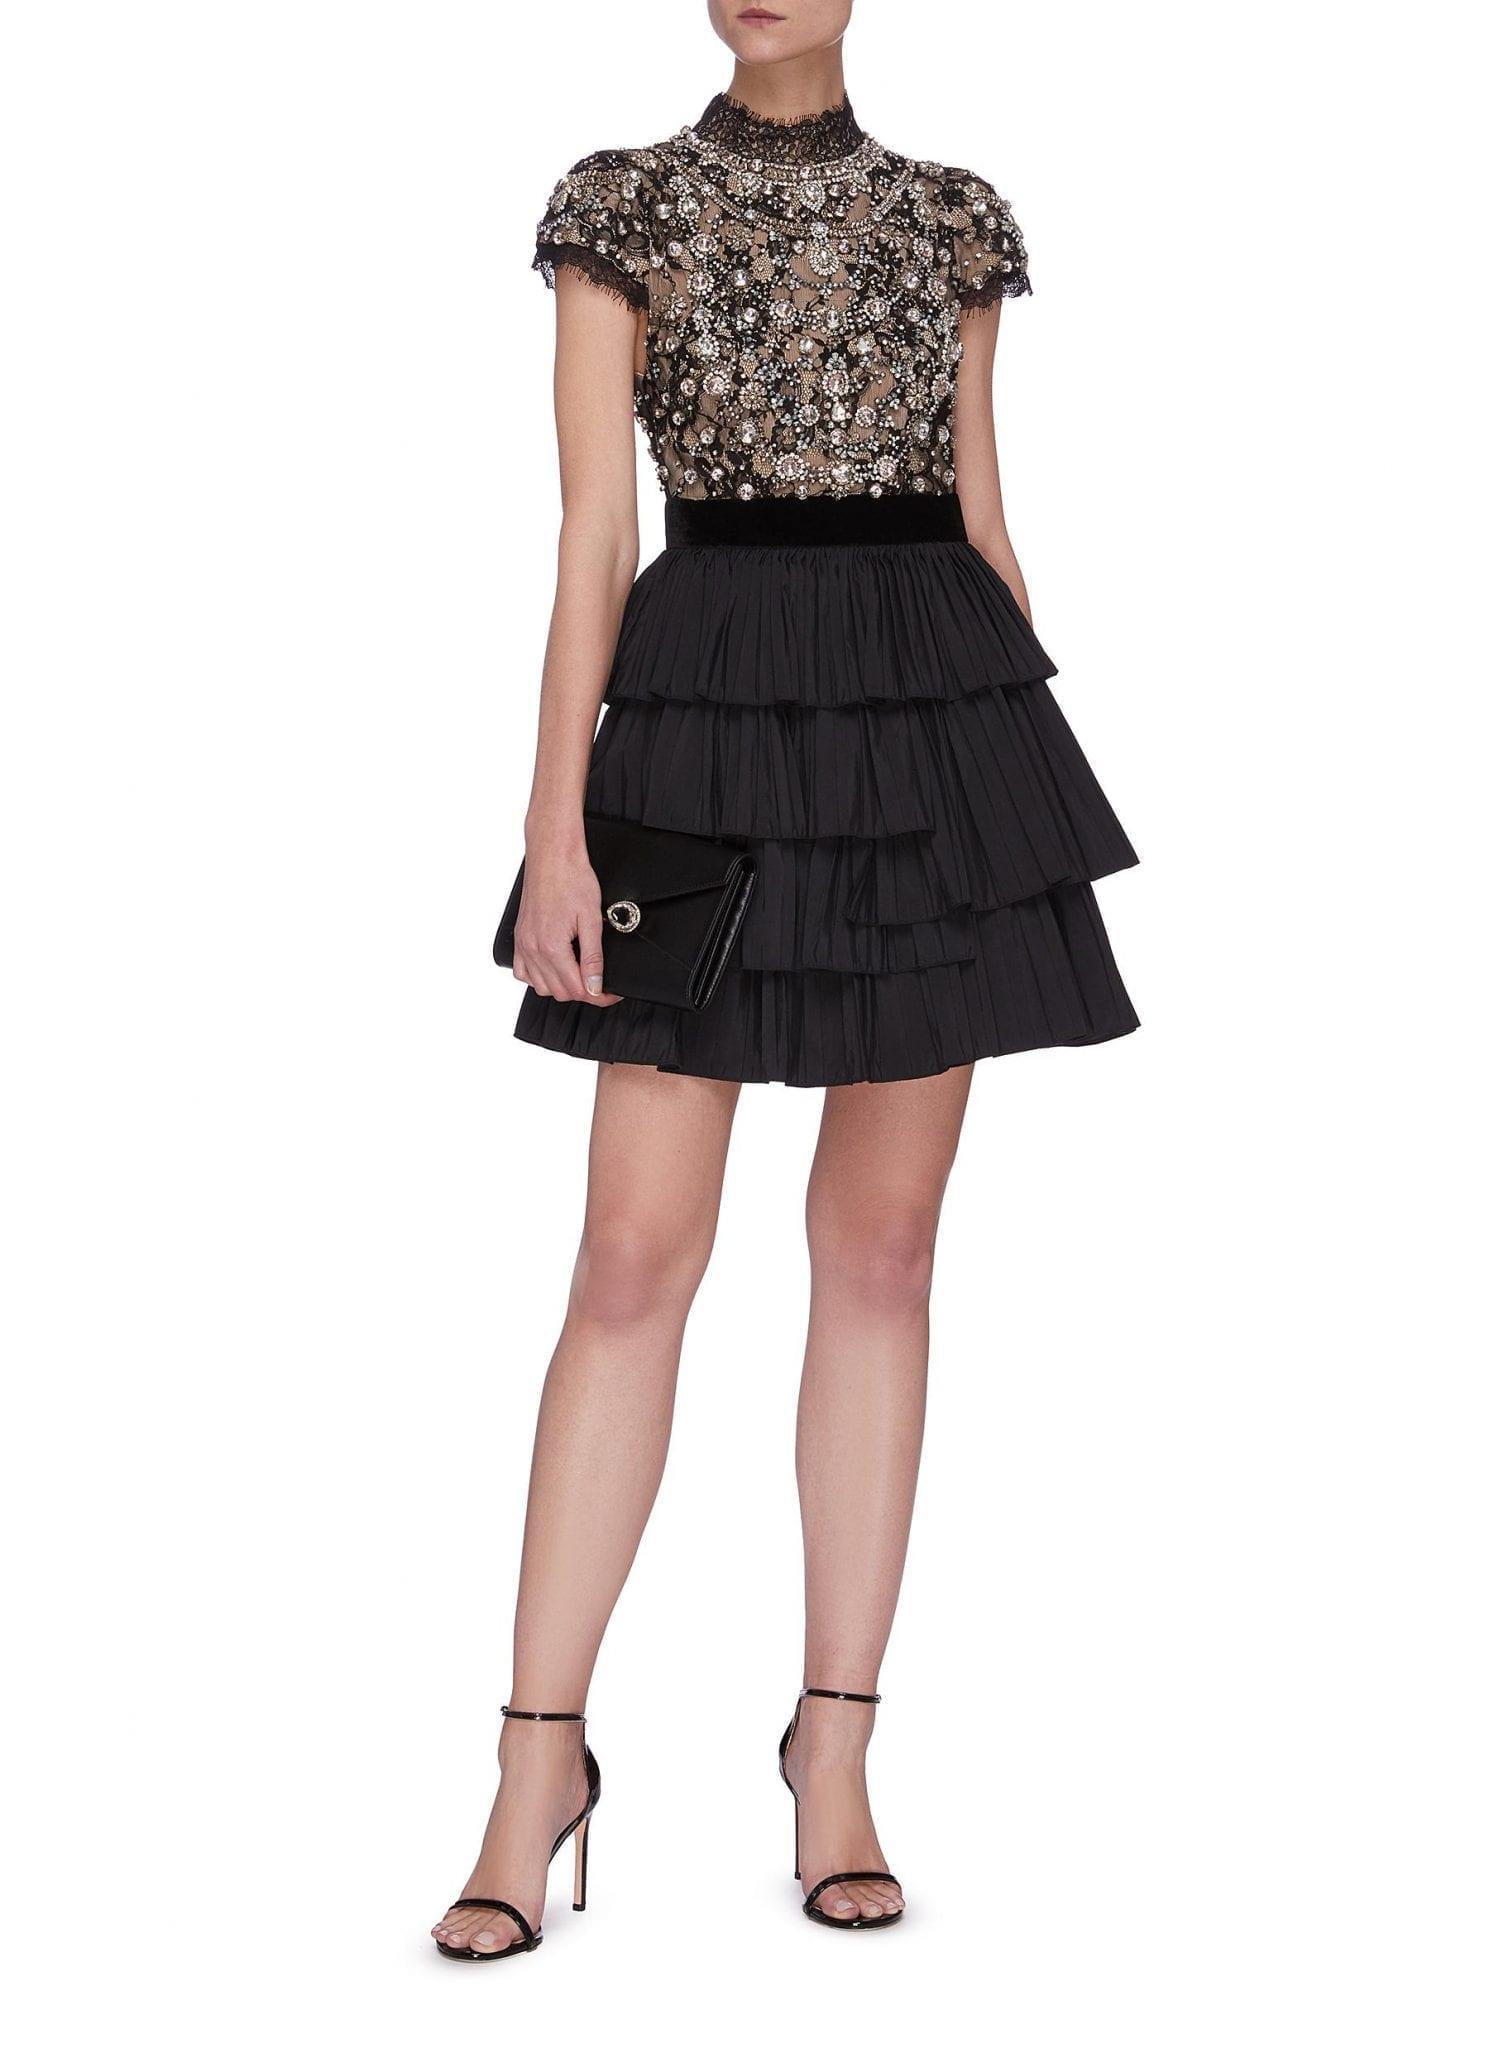 ALICE + OLIVIA 'Dorian' Crystal Embellished Tier Dress